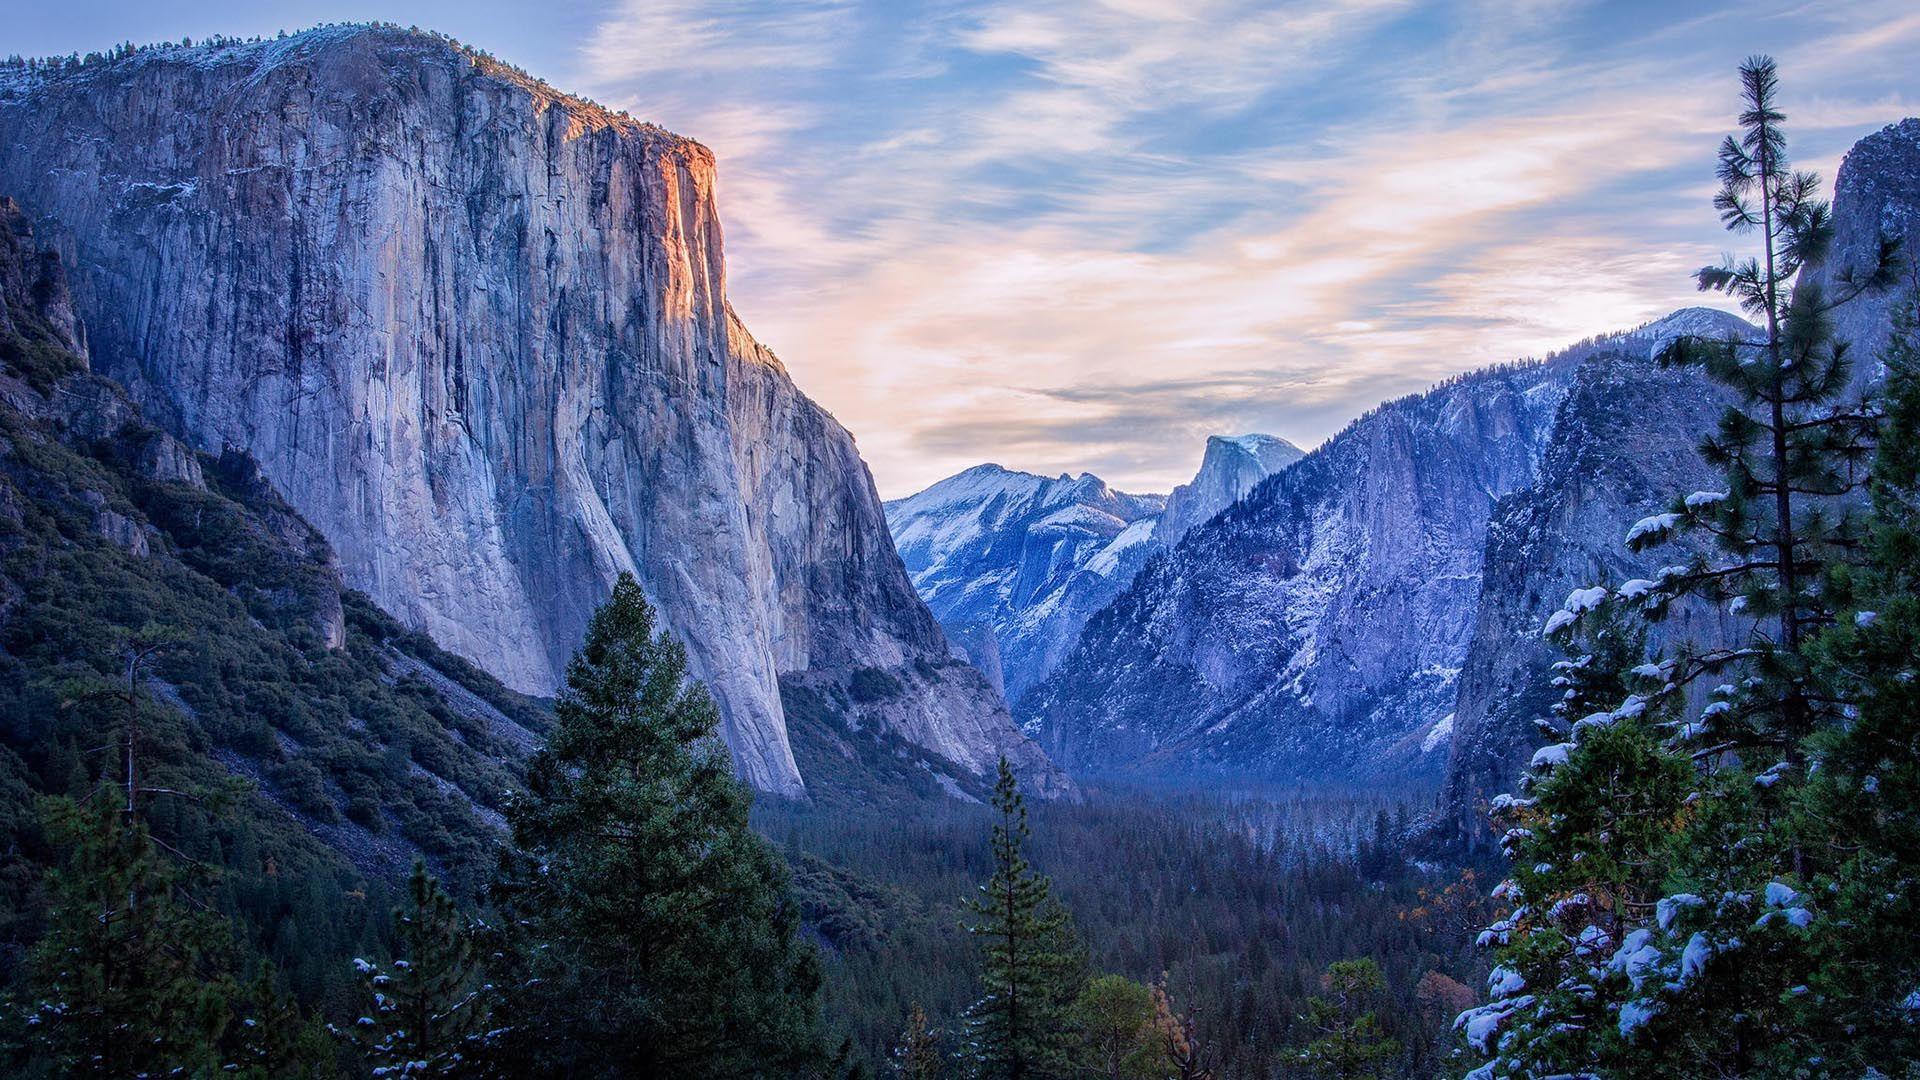 Yosemite hd wallpaper download